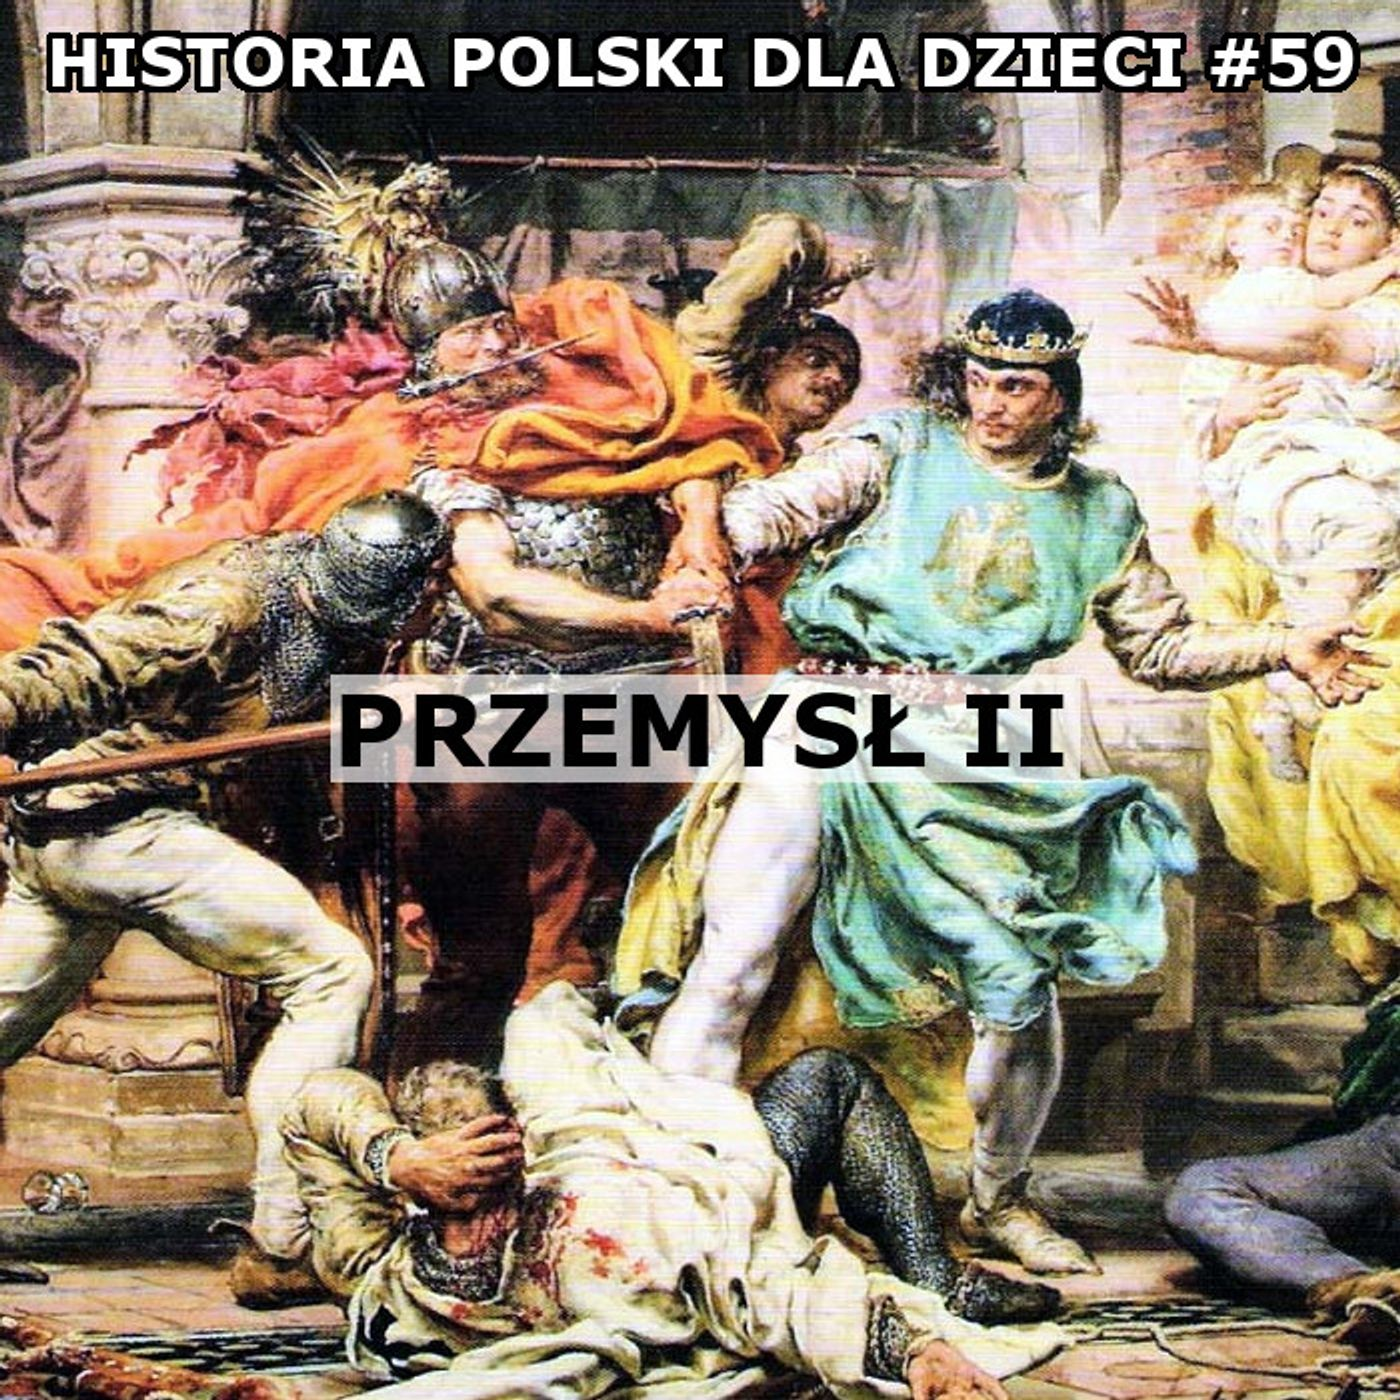 59 - Przemysł II